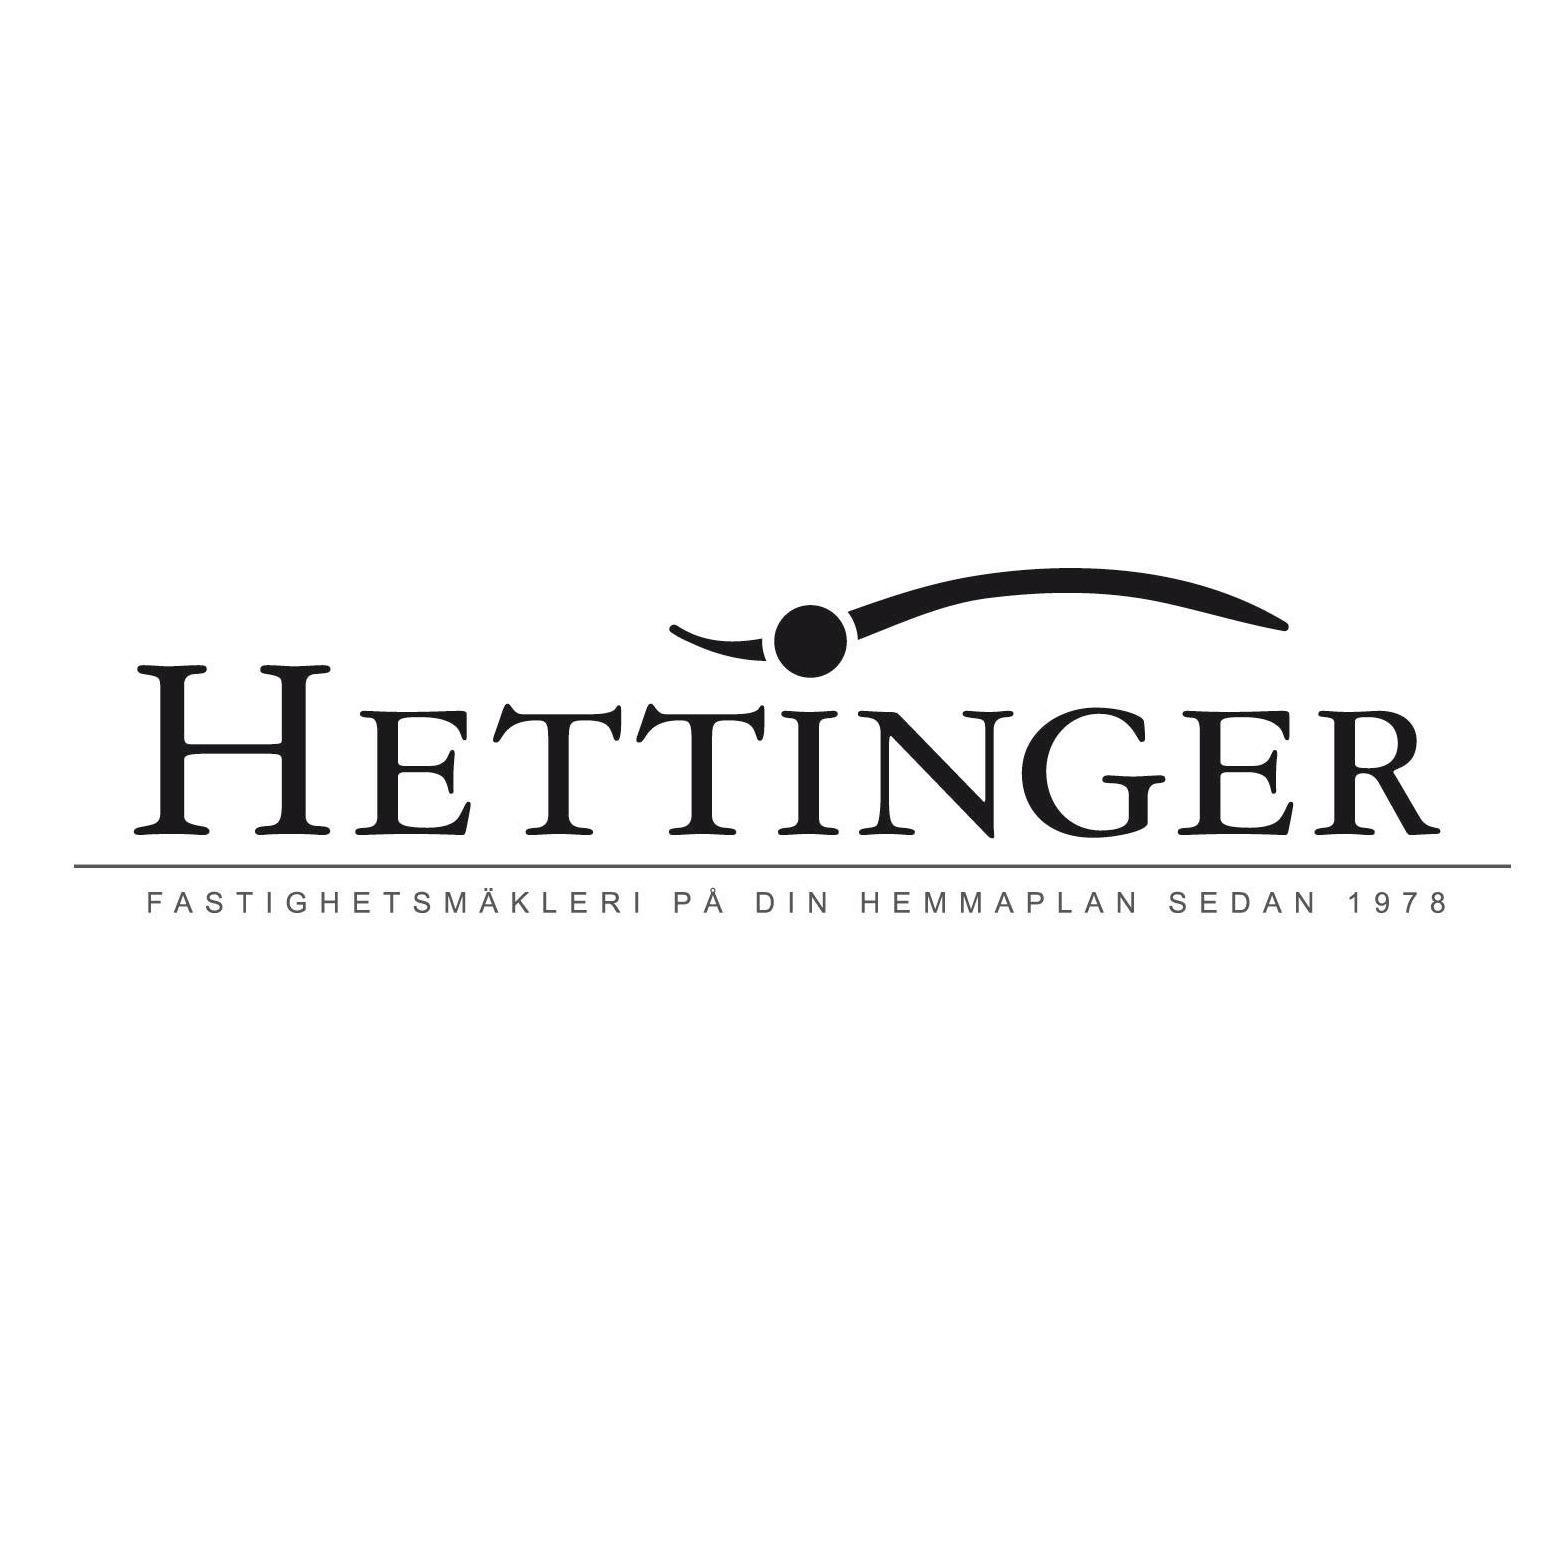 Fastighetsmäklare Hettinger AB